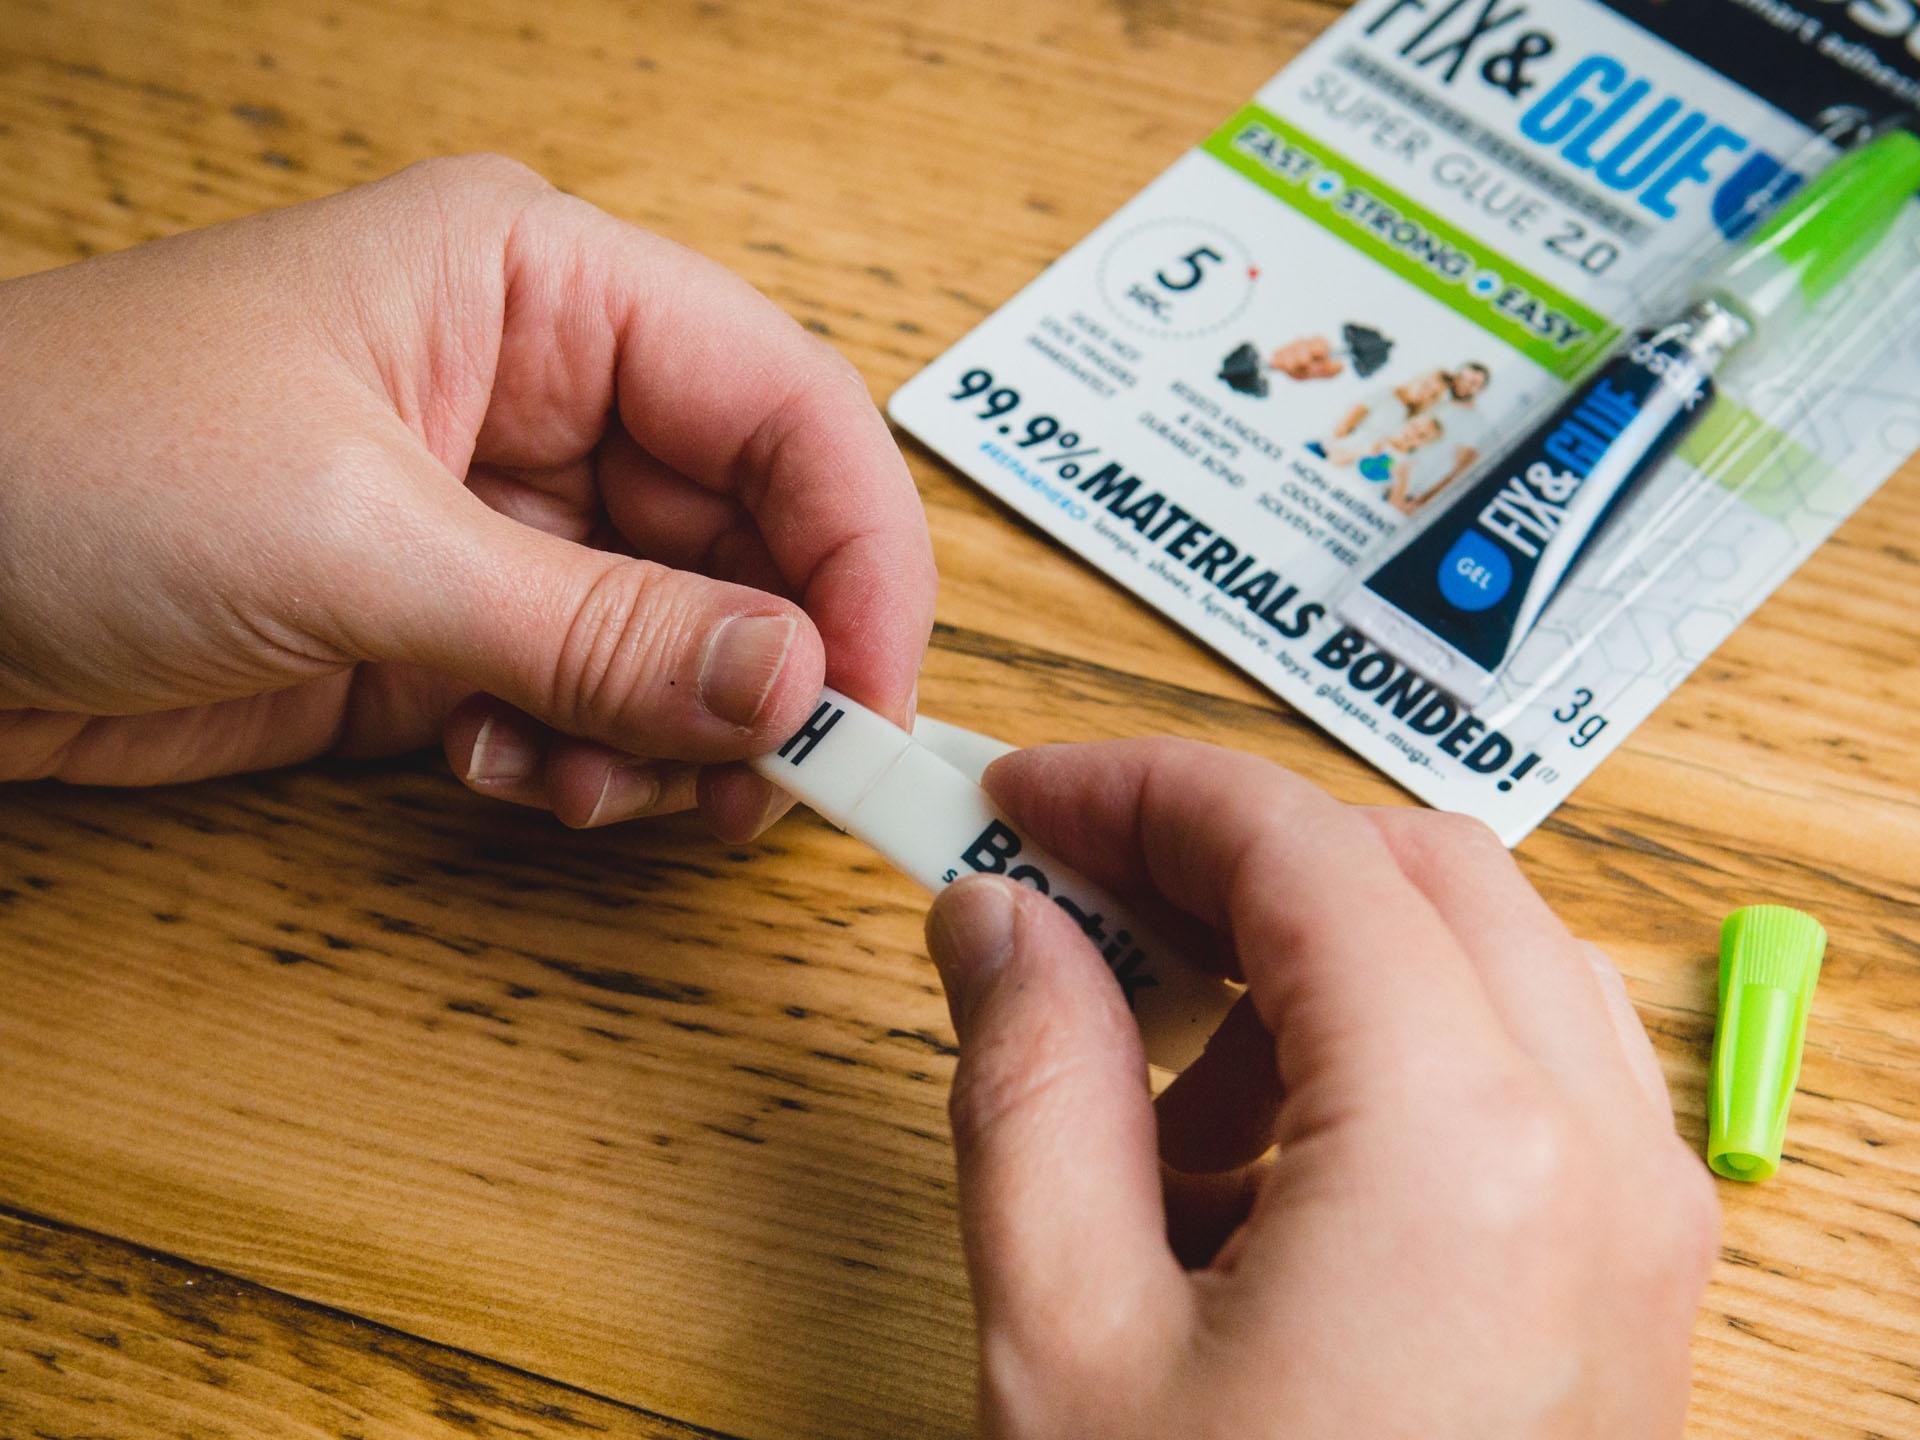 Bostik DIY Fix and Glue Gel United Kingdom Impression